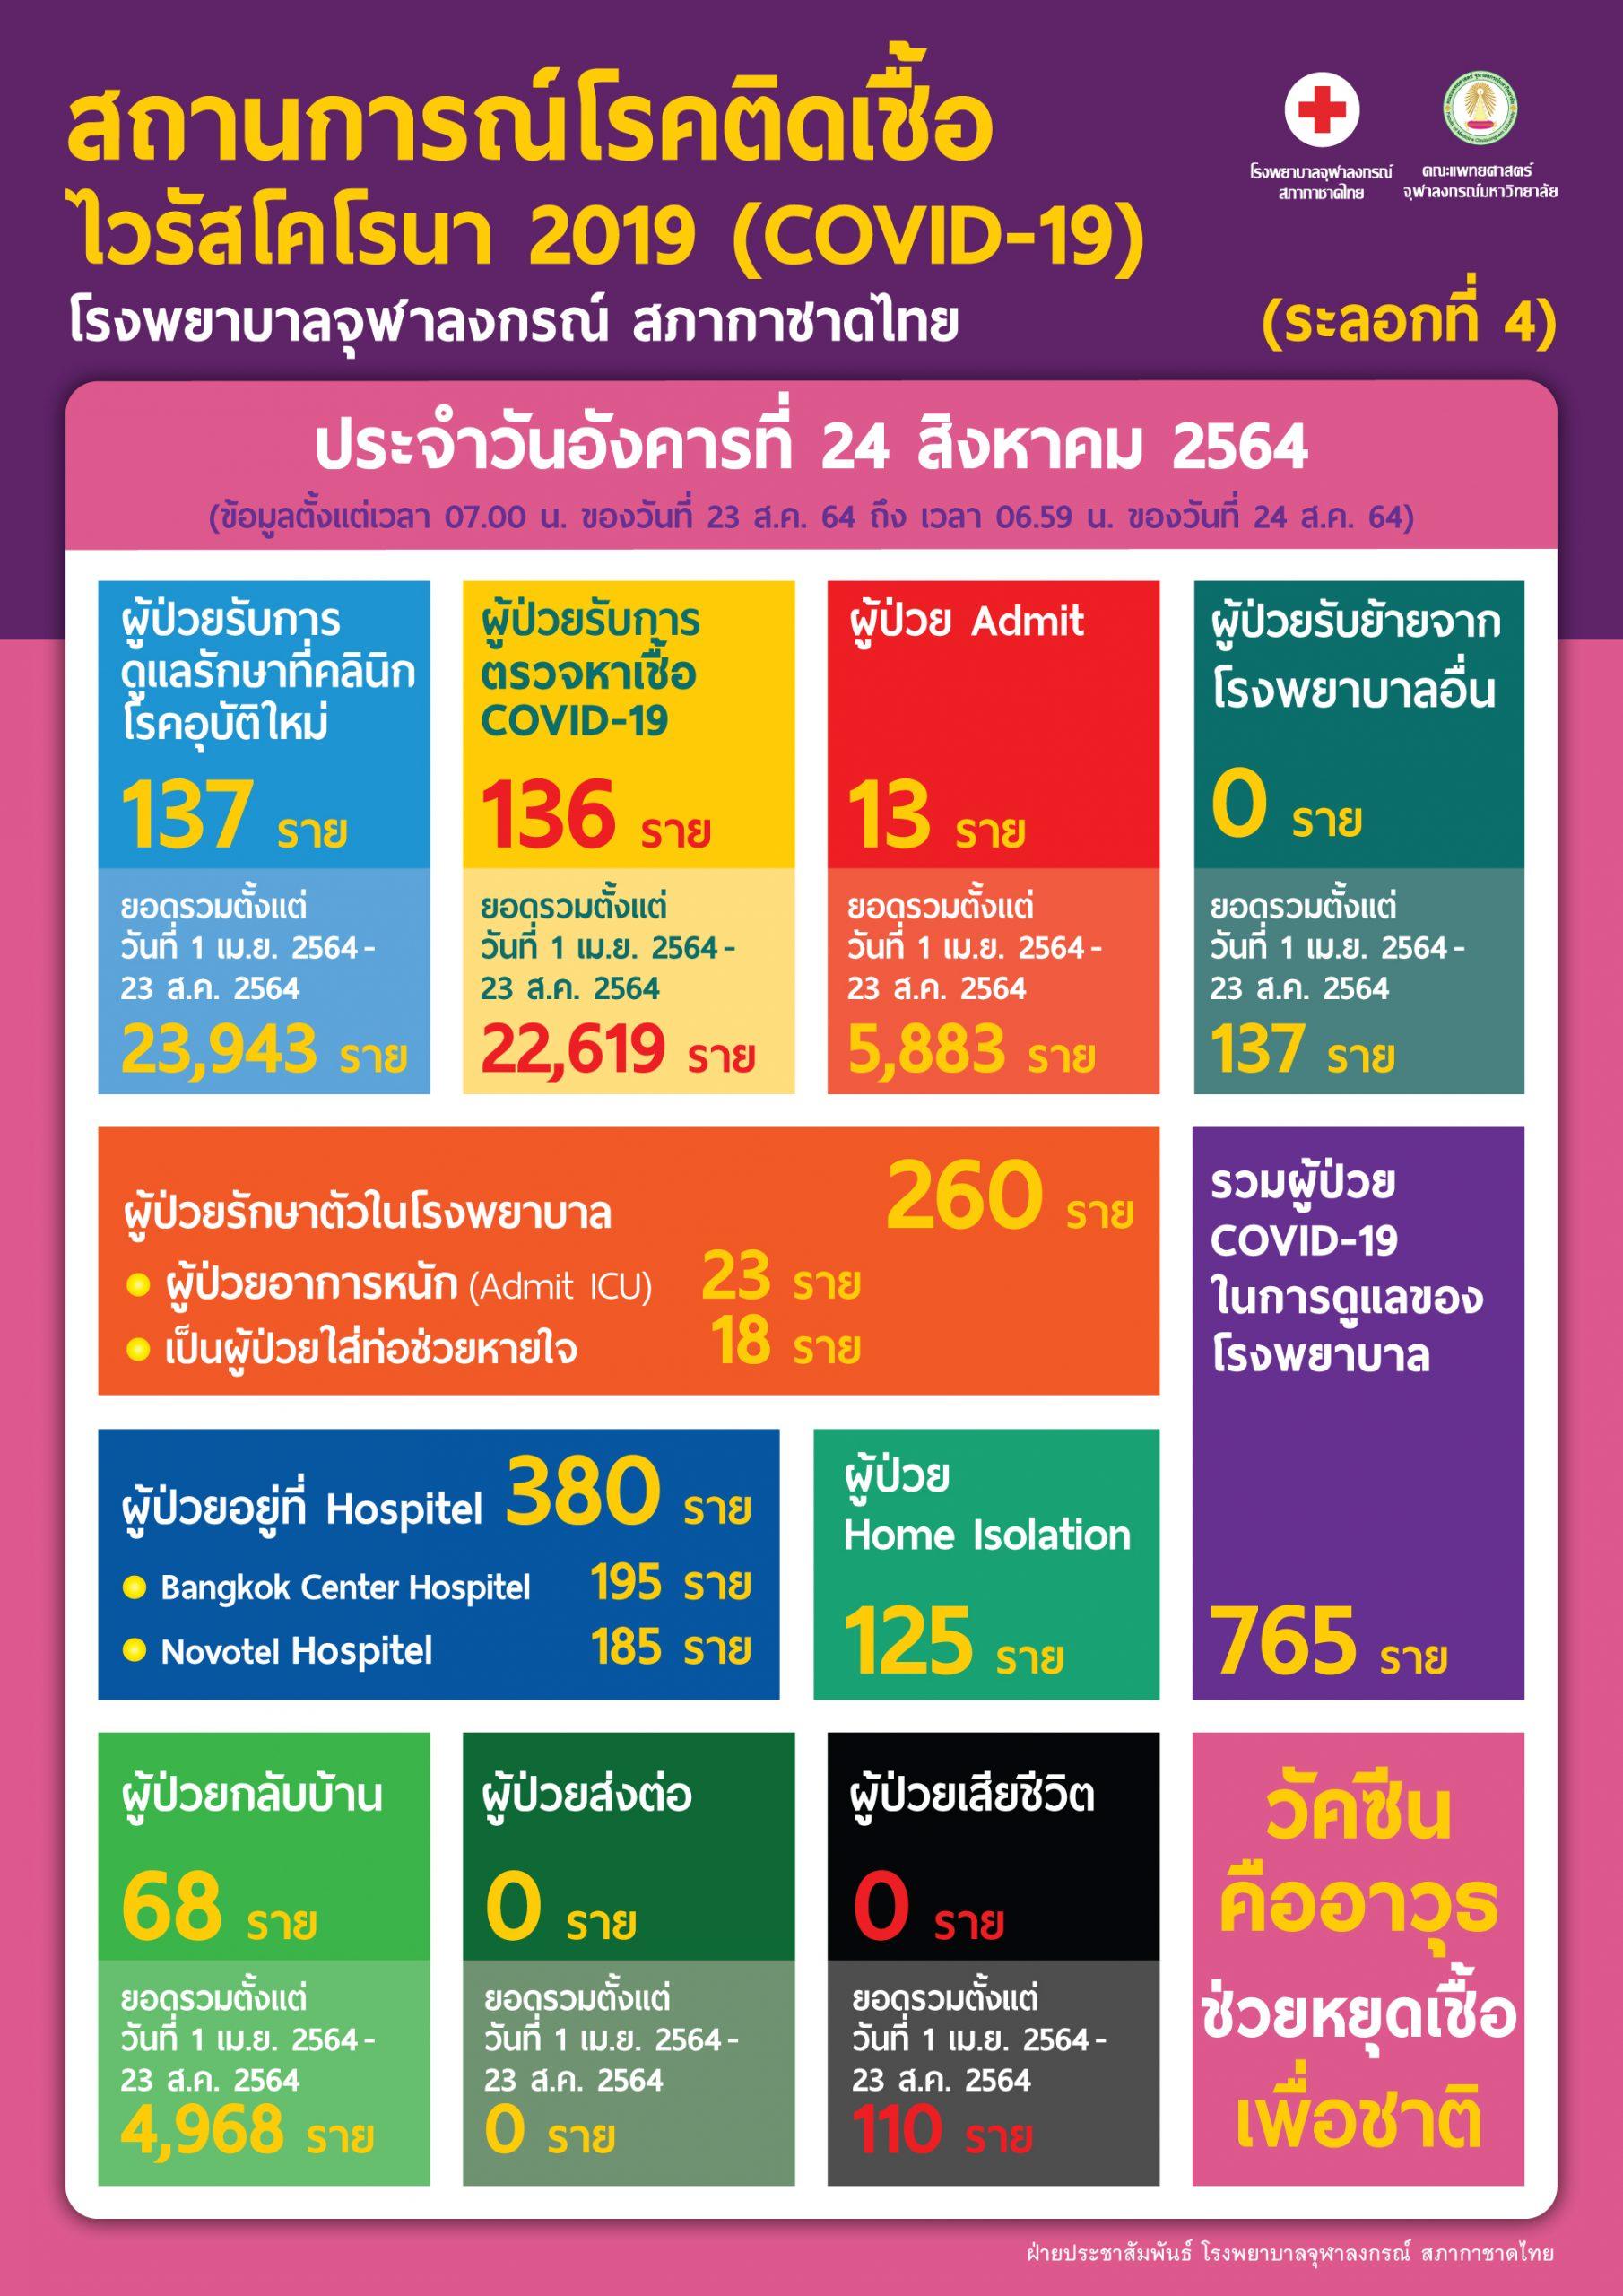 สถานการณ์โรคติดเชื้อไวรัสโคโรนา 2019 (COVID-19) (ระลอกที่ 4) โรงพยาบาลจุฬาลงกรณ์ สภากาชาดไทย  ประจำวันอังคารที่ 24 สิงหาคม 2564